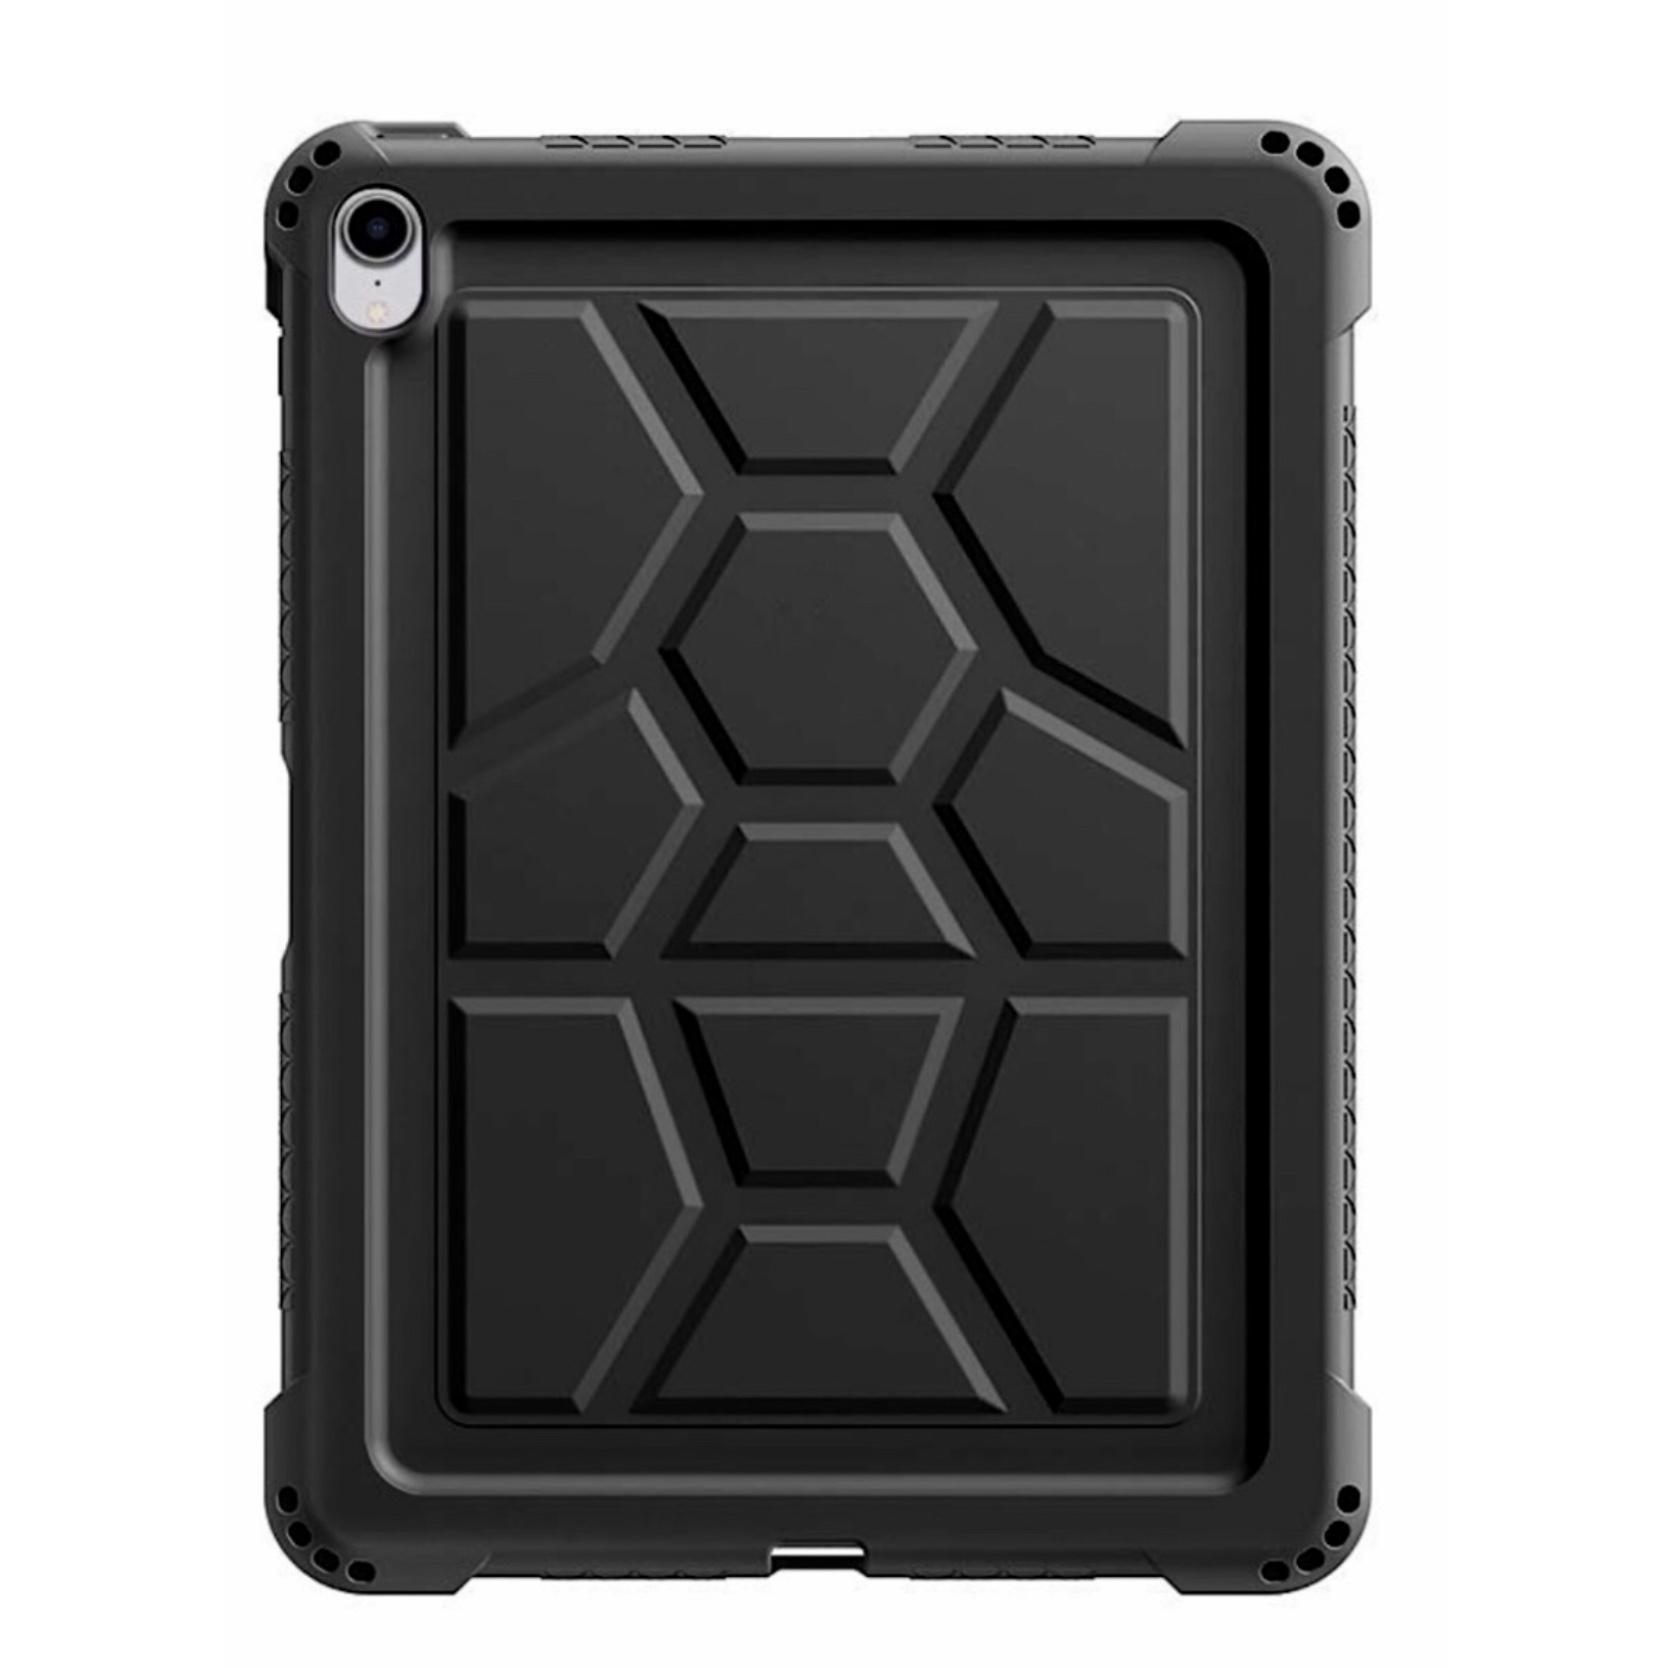 iPAD PRO 2018 11 pouces Coque silicone renforcé avec support stylet Premium Noir